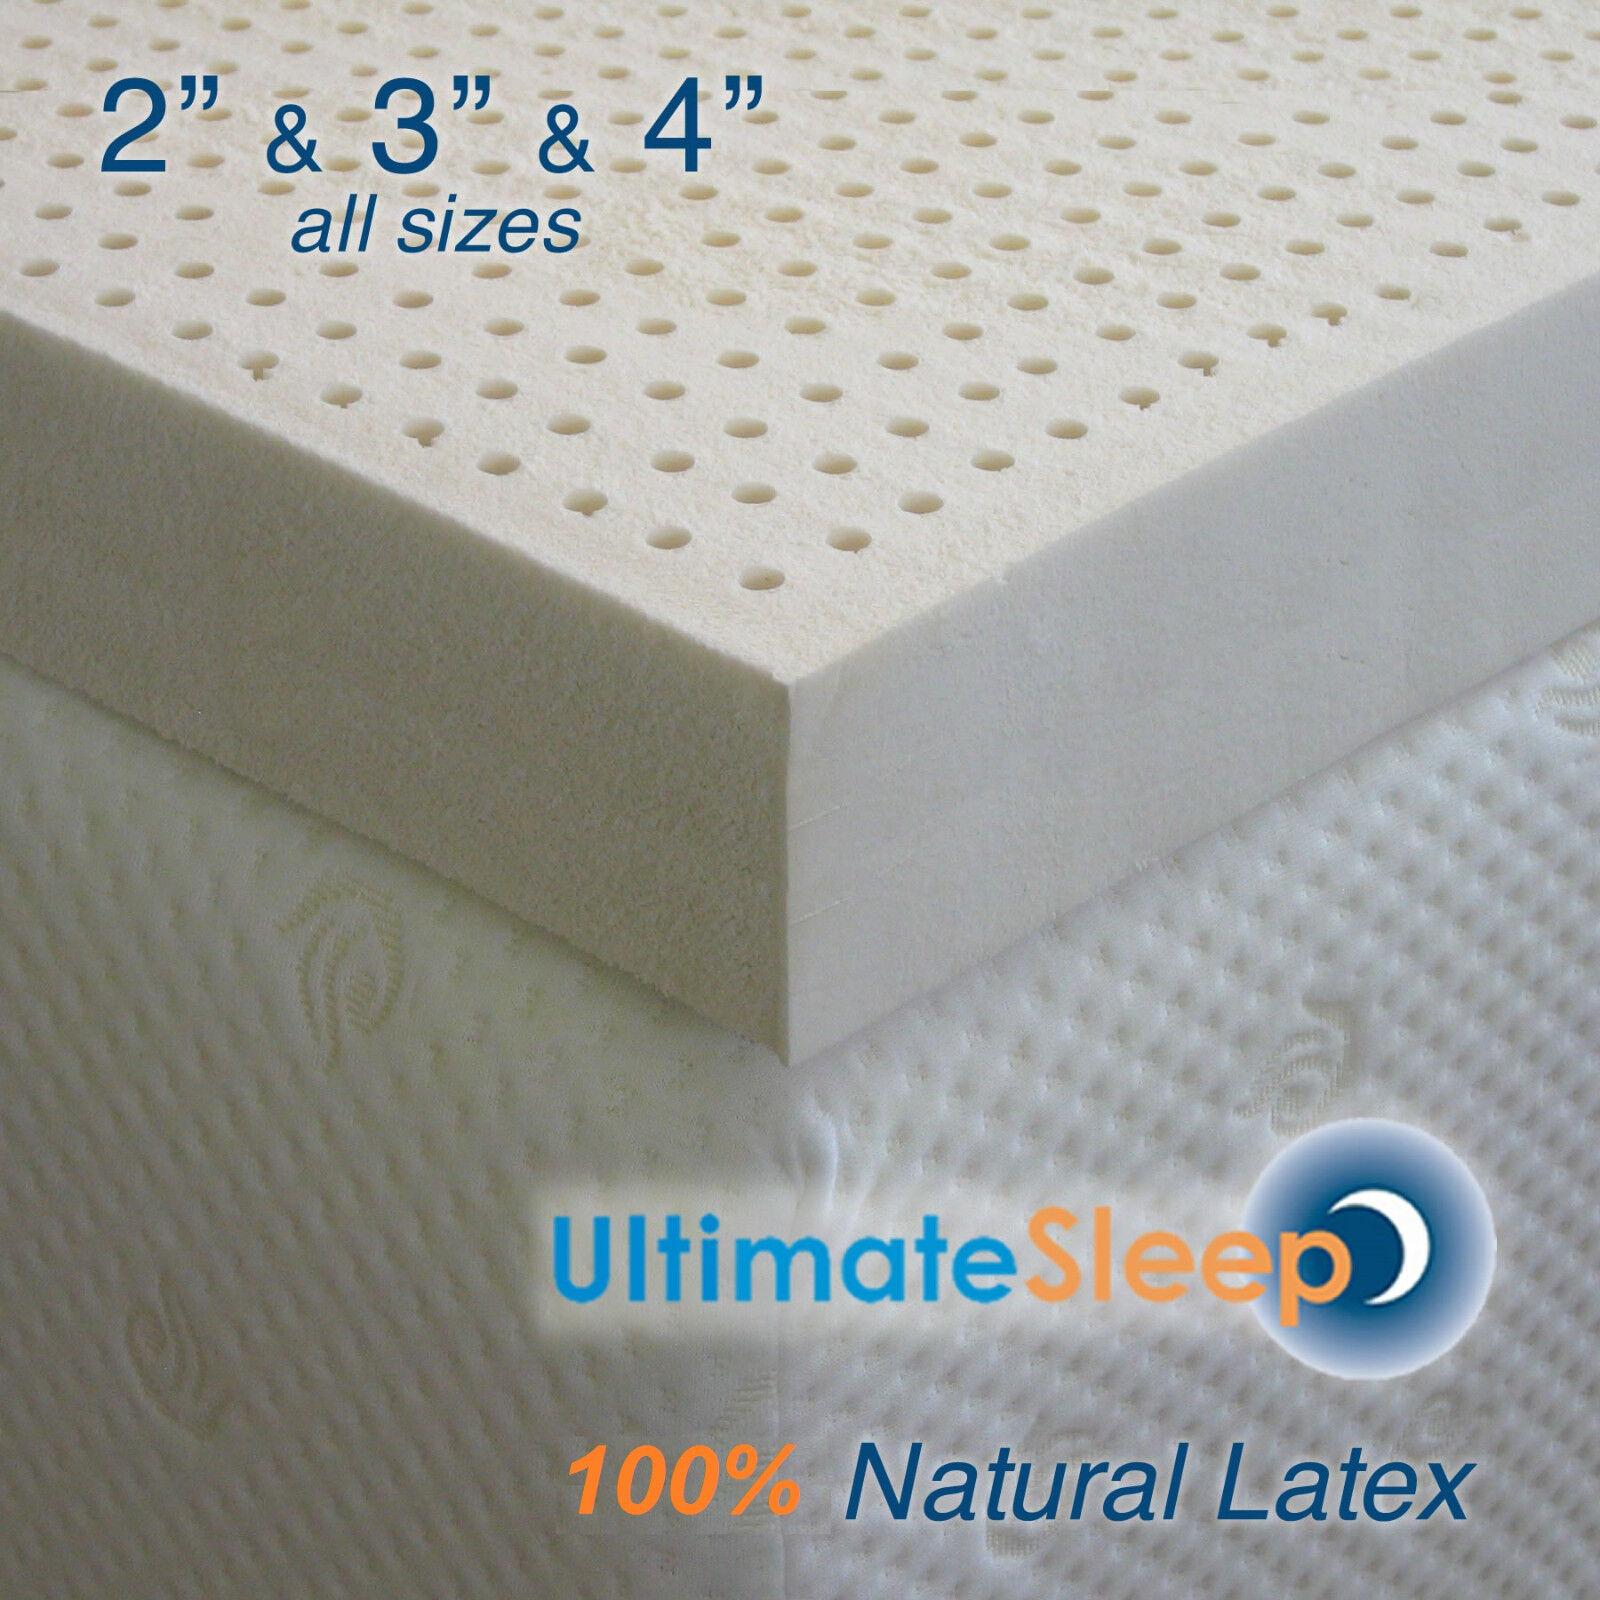 NEW Certified 100% Natural Dunlop Latex Mattress Pad Topper, Grün US Made